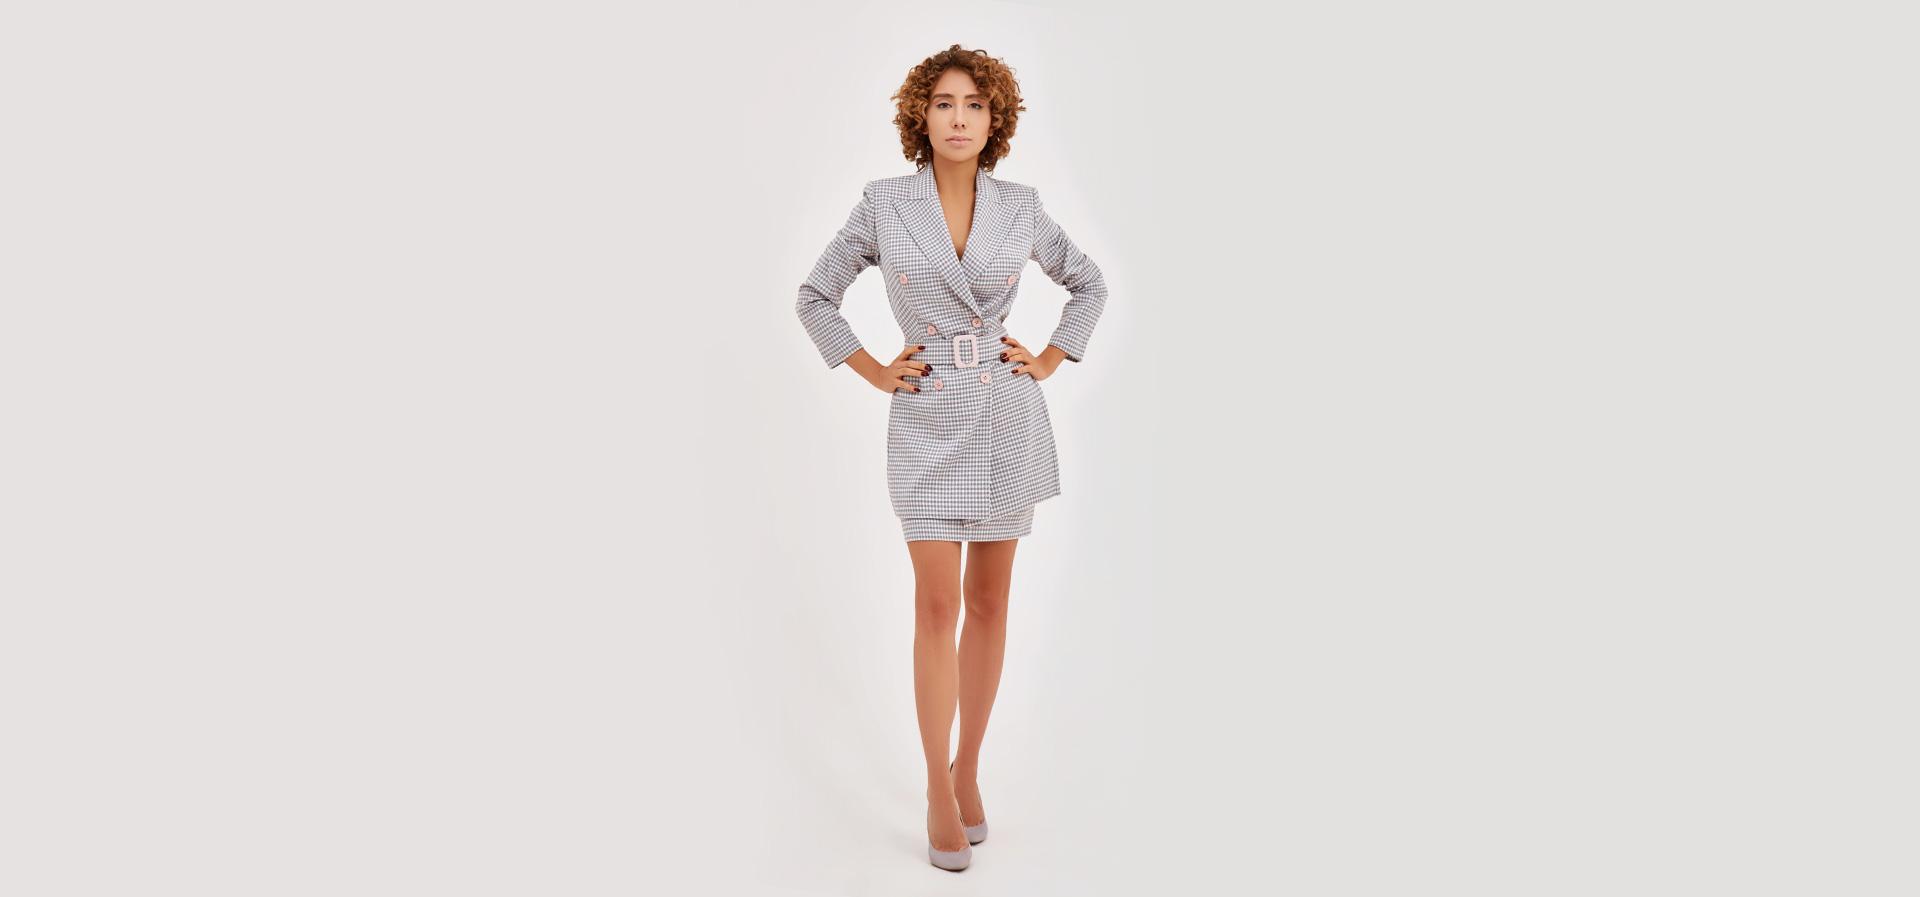 6f1f360fbf2 ЯRMYSHEVA - интернет-магазин дизайнерской одежды в Екатеринбурге ...